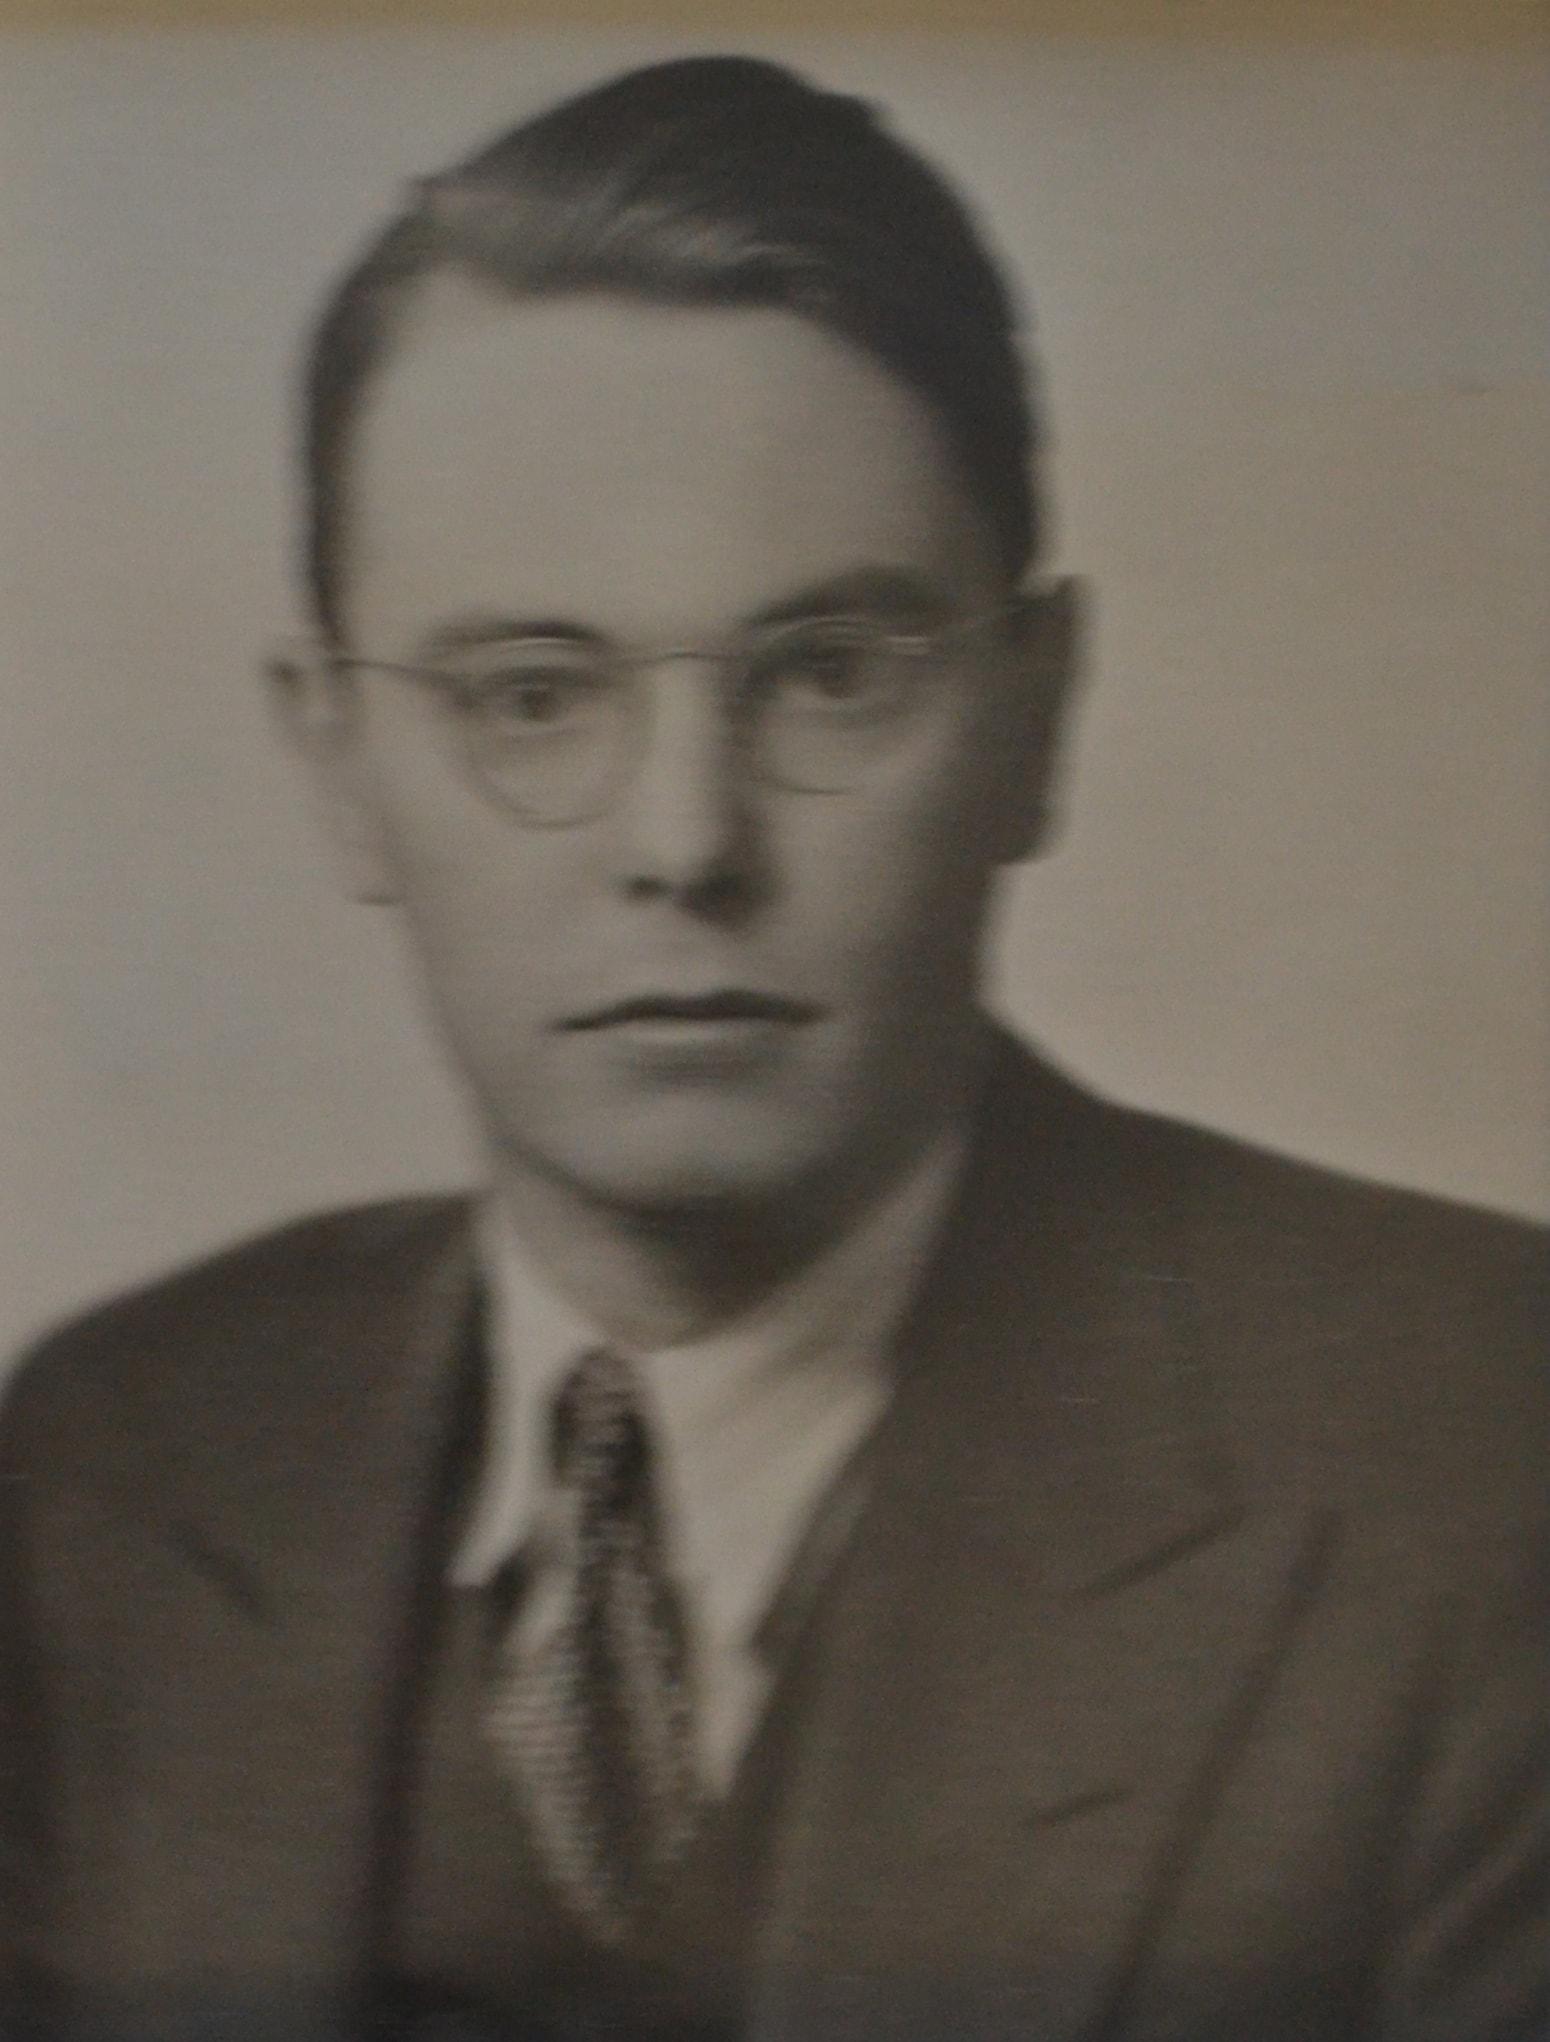 1952-Charles-Filmore.JPG-w1550.jpg